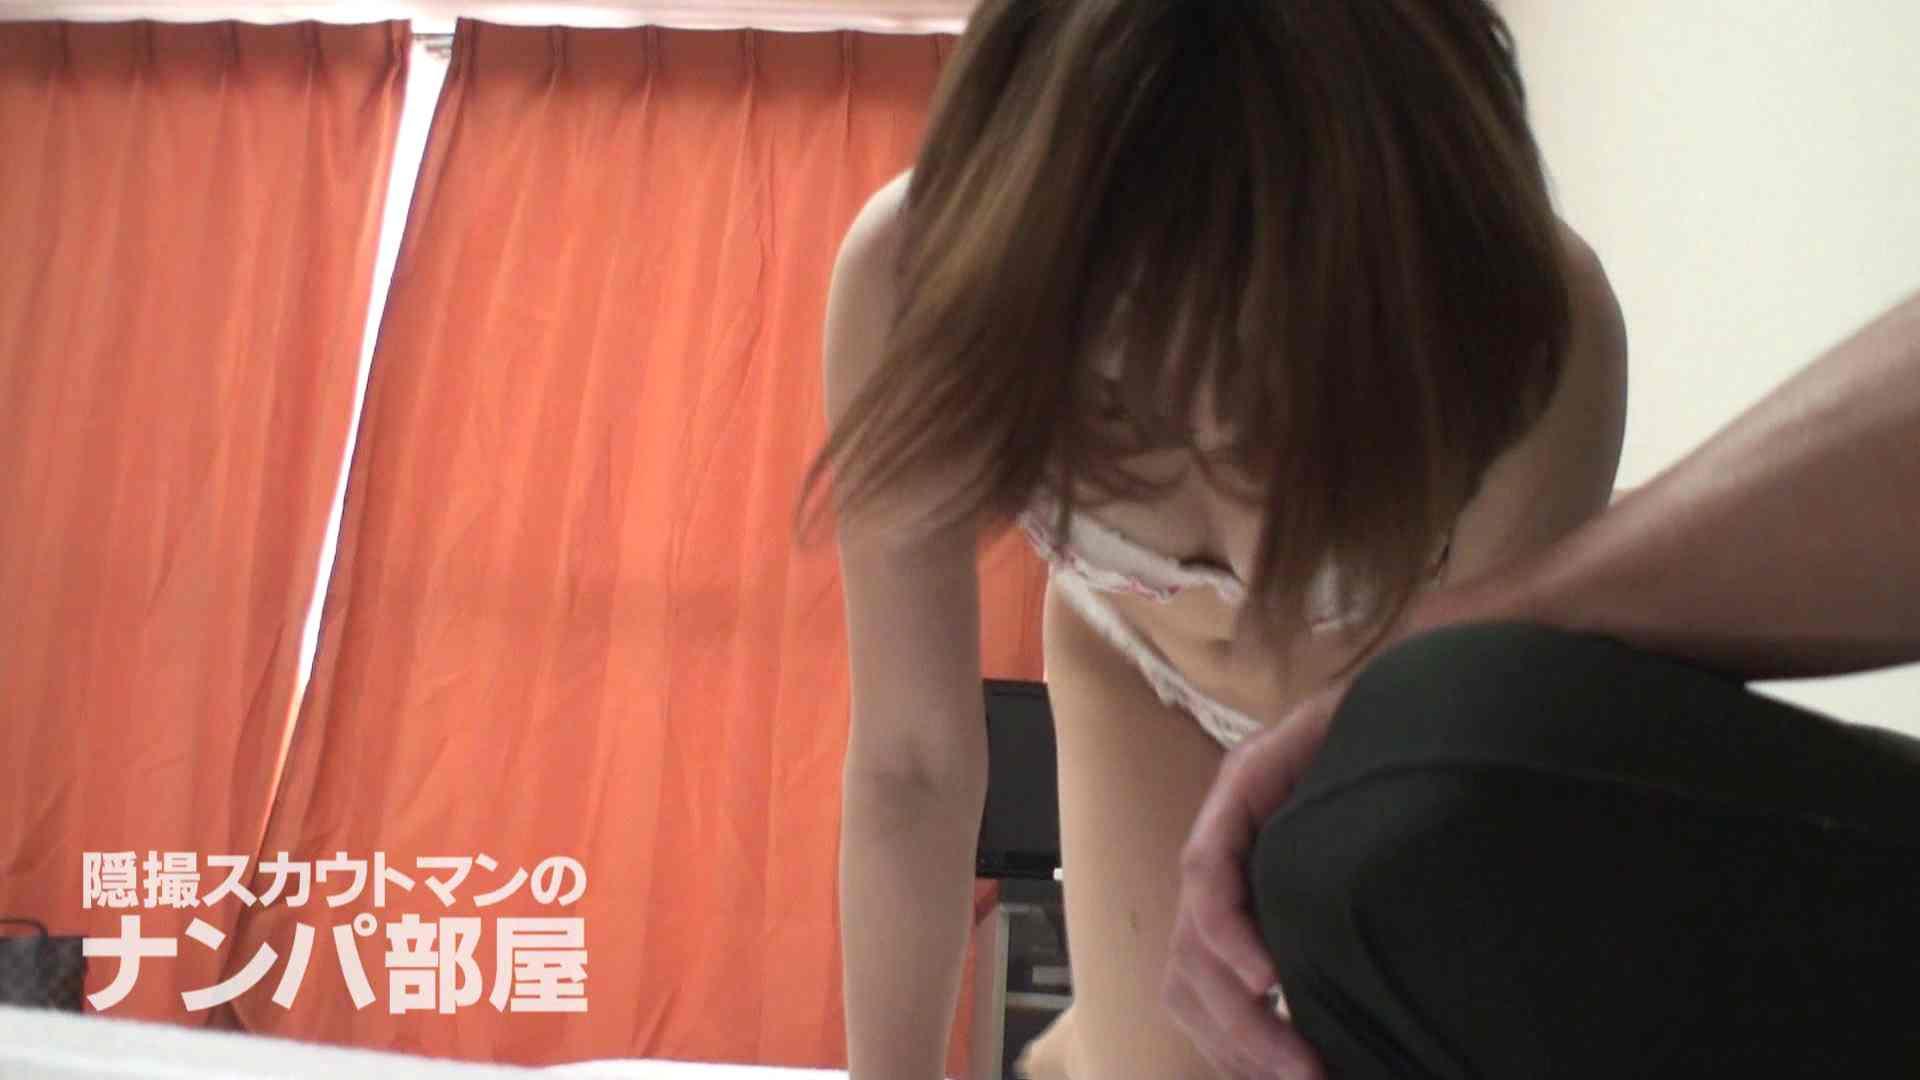 隠撮スカウトマンのナンパ部屋~風俗デビュー前のつまみ食い~ siivol.2 ナンパ  80pic 44